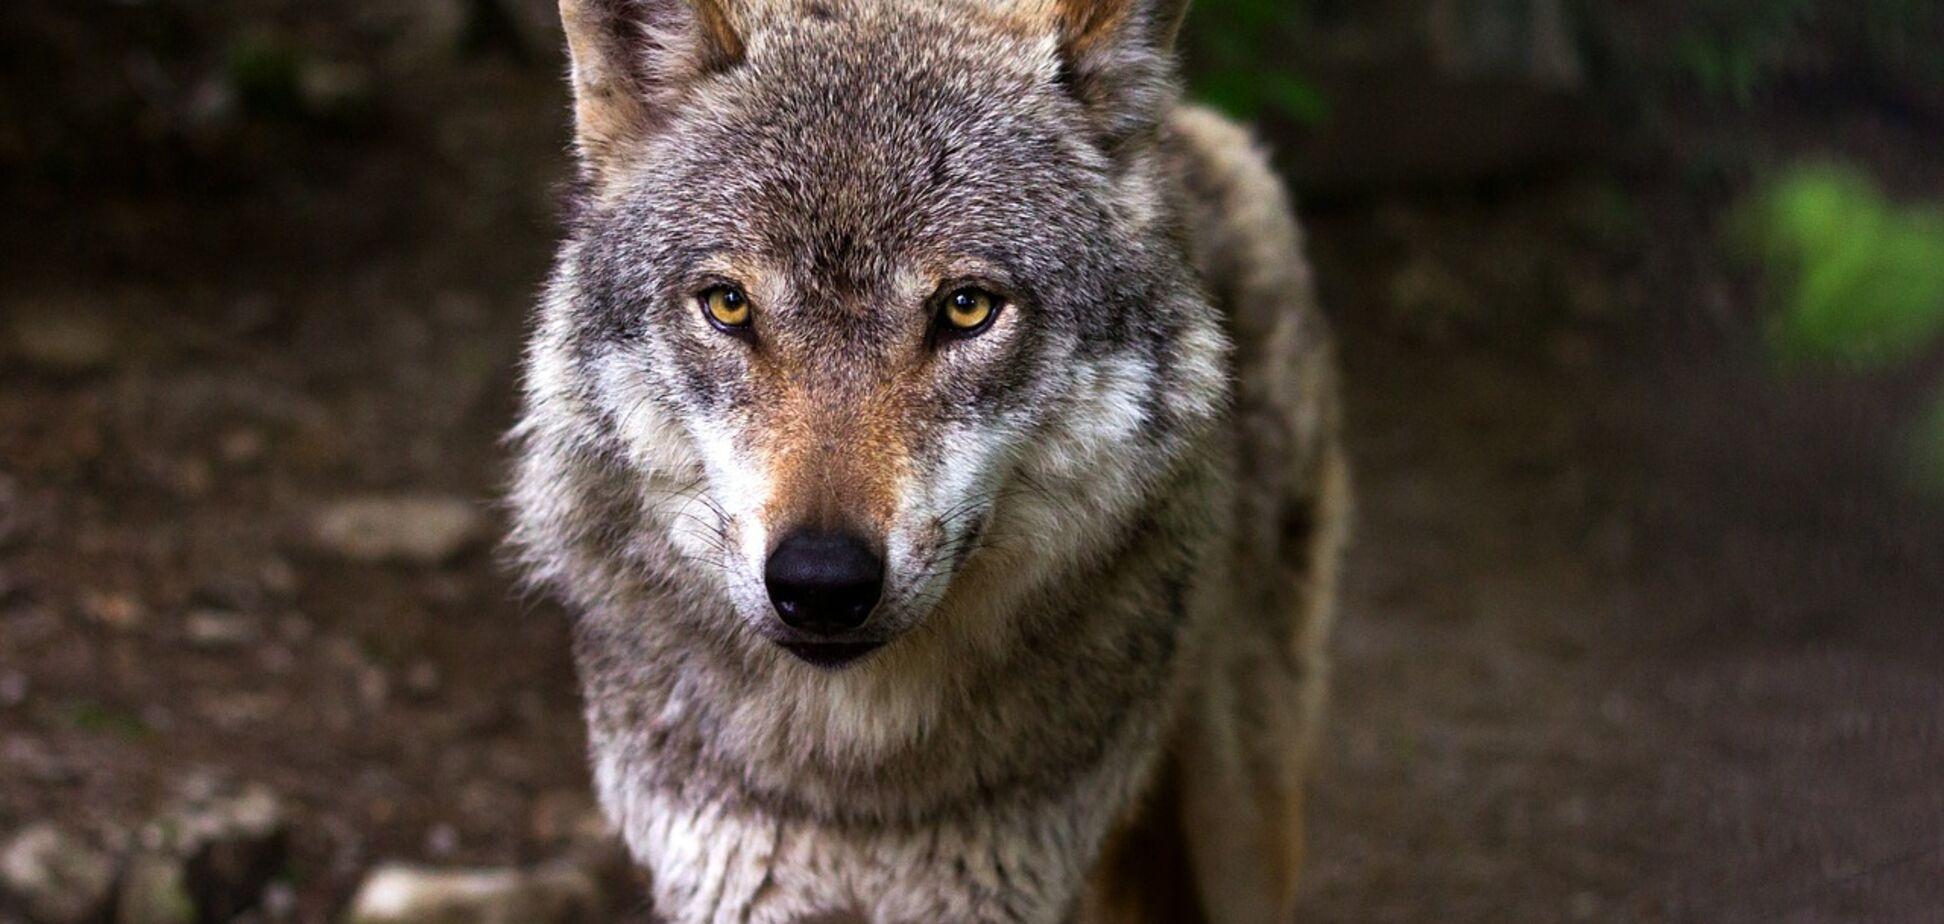 Киев и область атаковали волки? Есть ли угроза и что делать